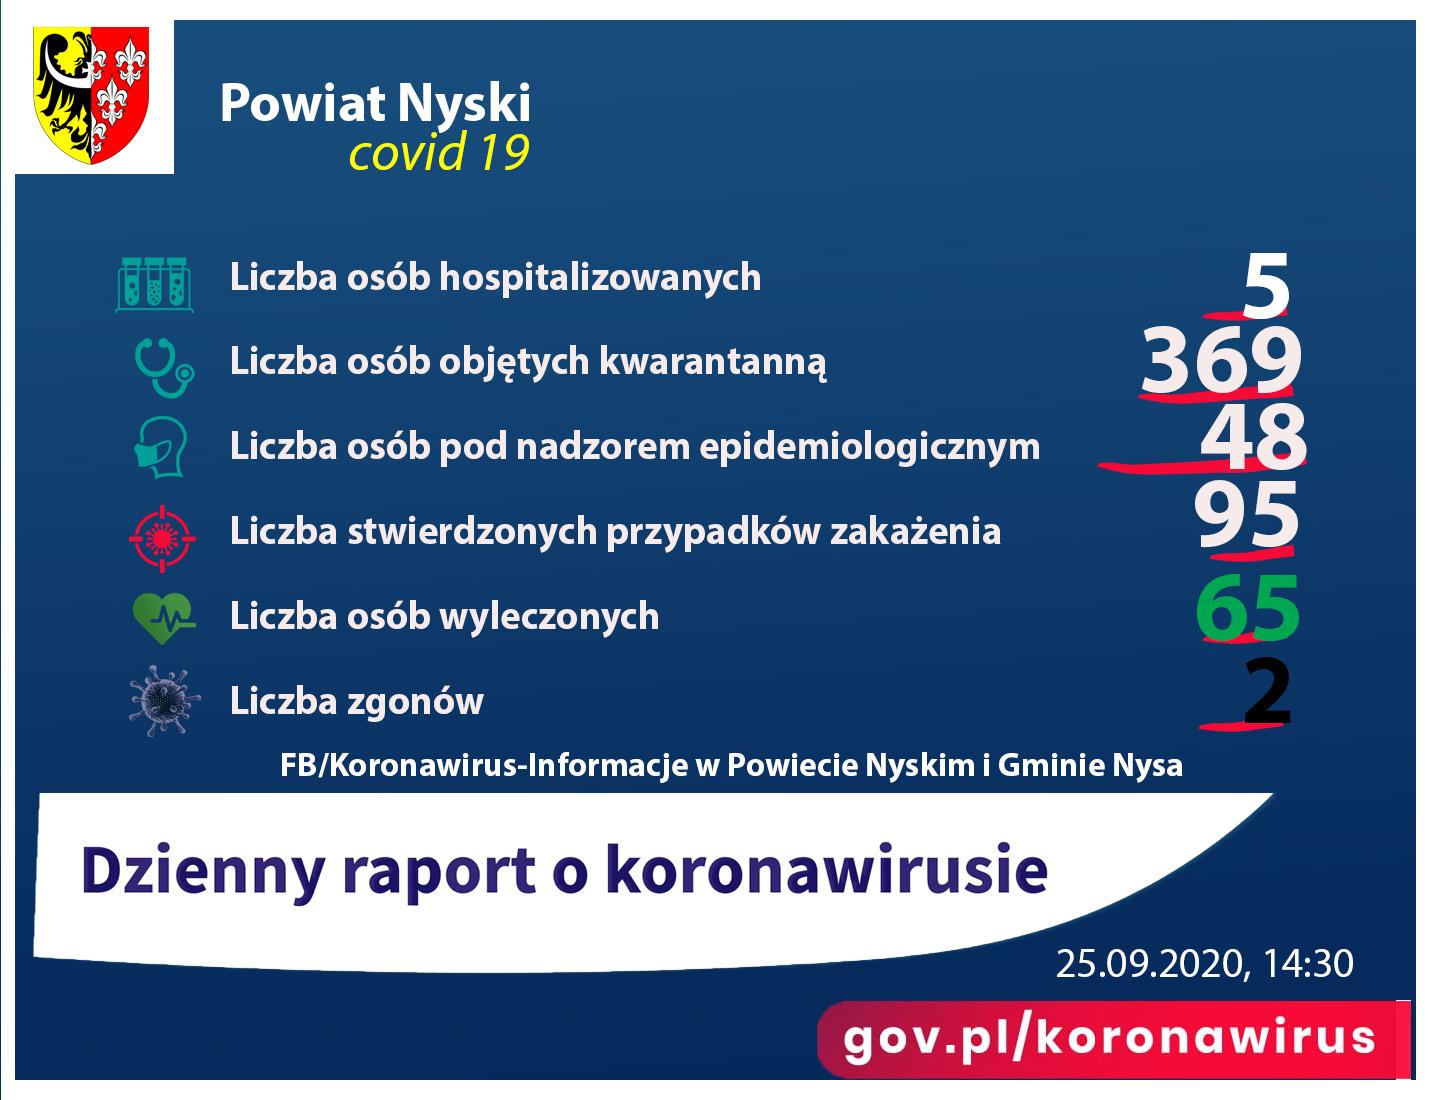 Raport - liczba zakażonych 95, ozdrowieńców 65, zgony 2, pod nadzorem 48, kwarantanna 369